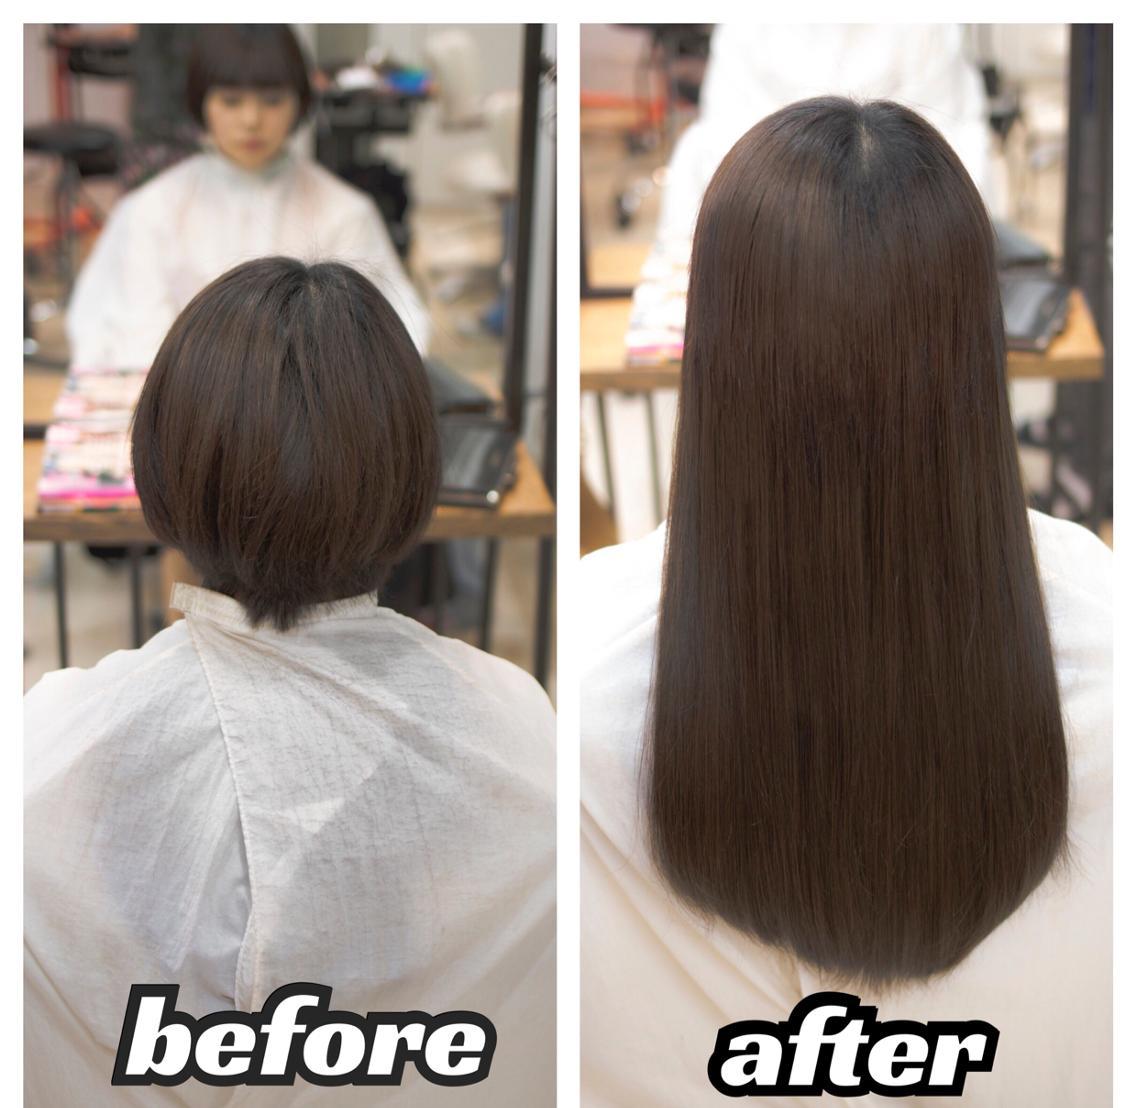 暗い色から明るい色まで、さらに色味まで豊富で、毛質も最高級レミー人毛シールエクステ1本300円(さらになじませカット無料)!